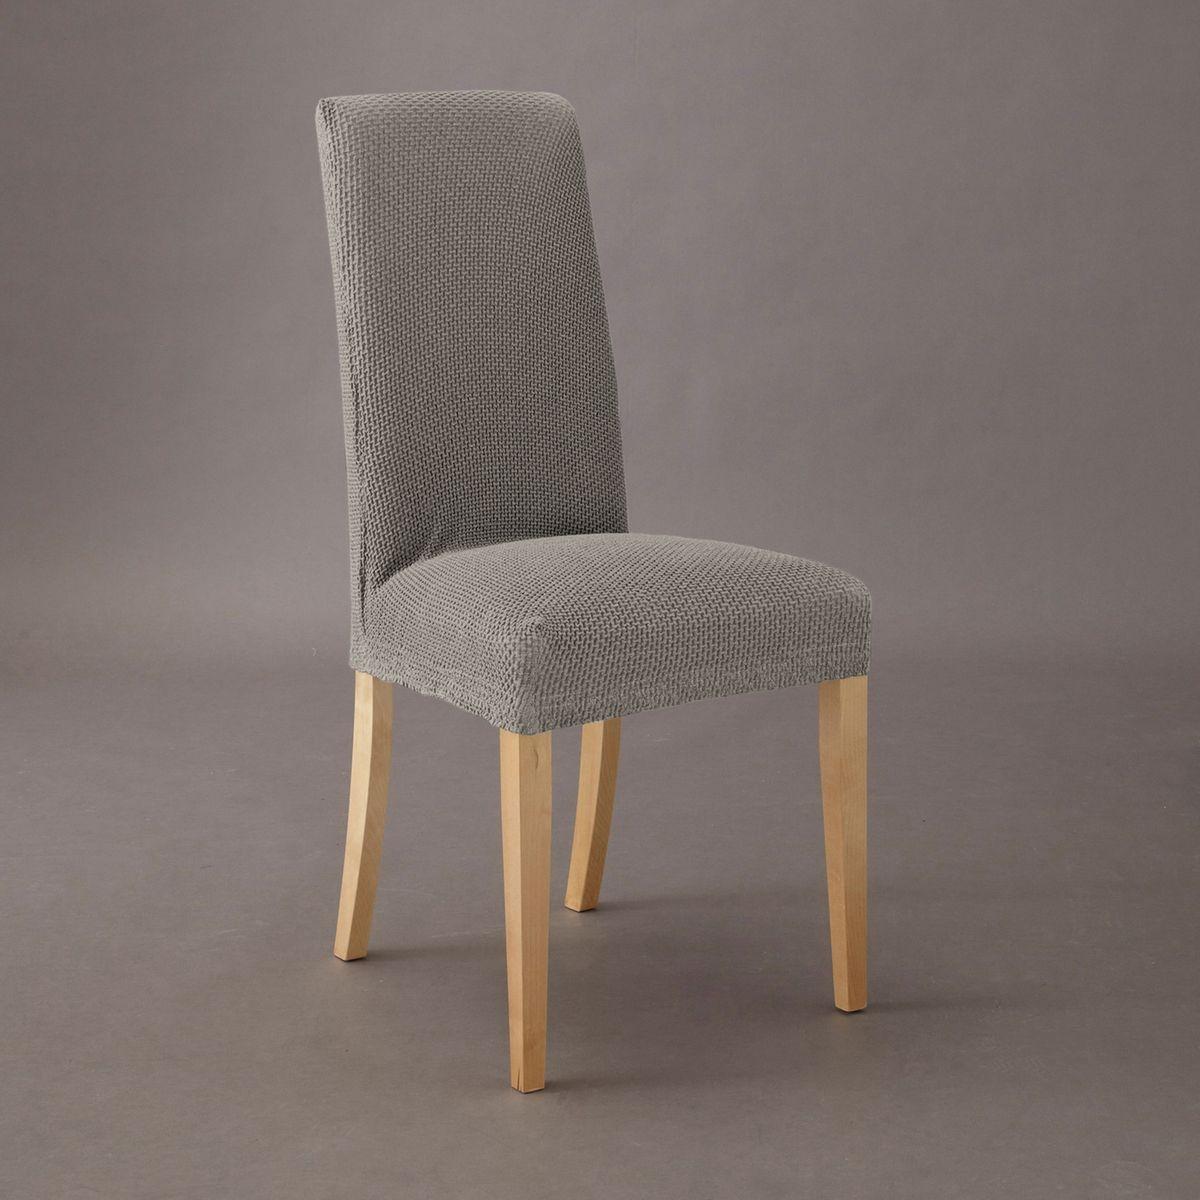 Housse extensible pour chaise gaufrée, AHMIS